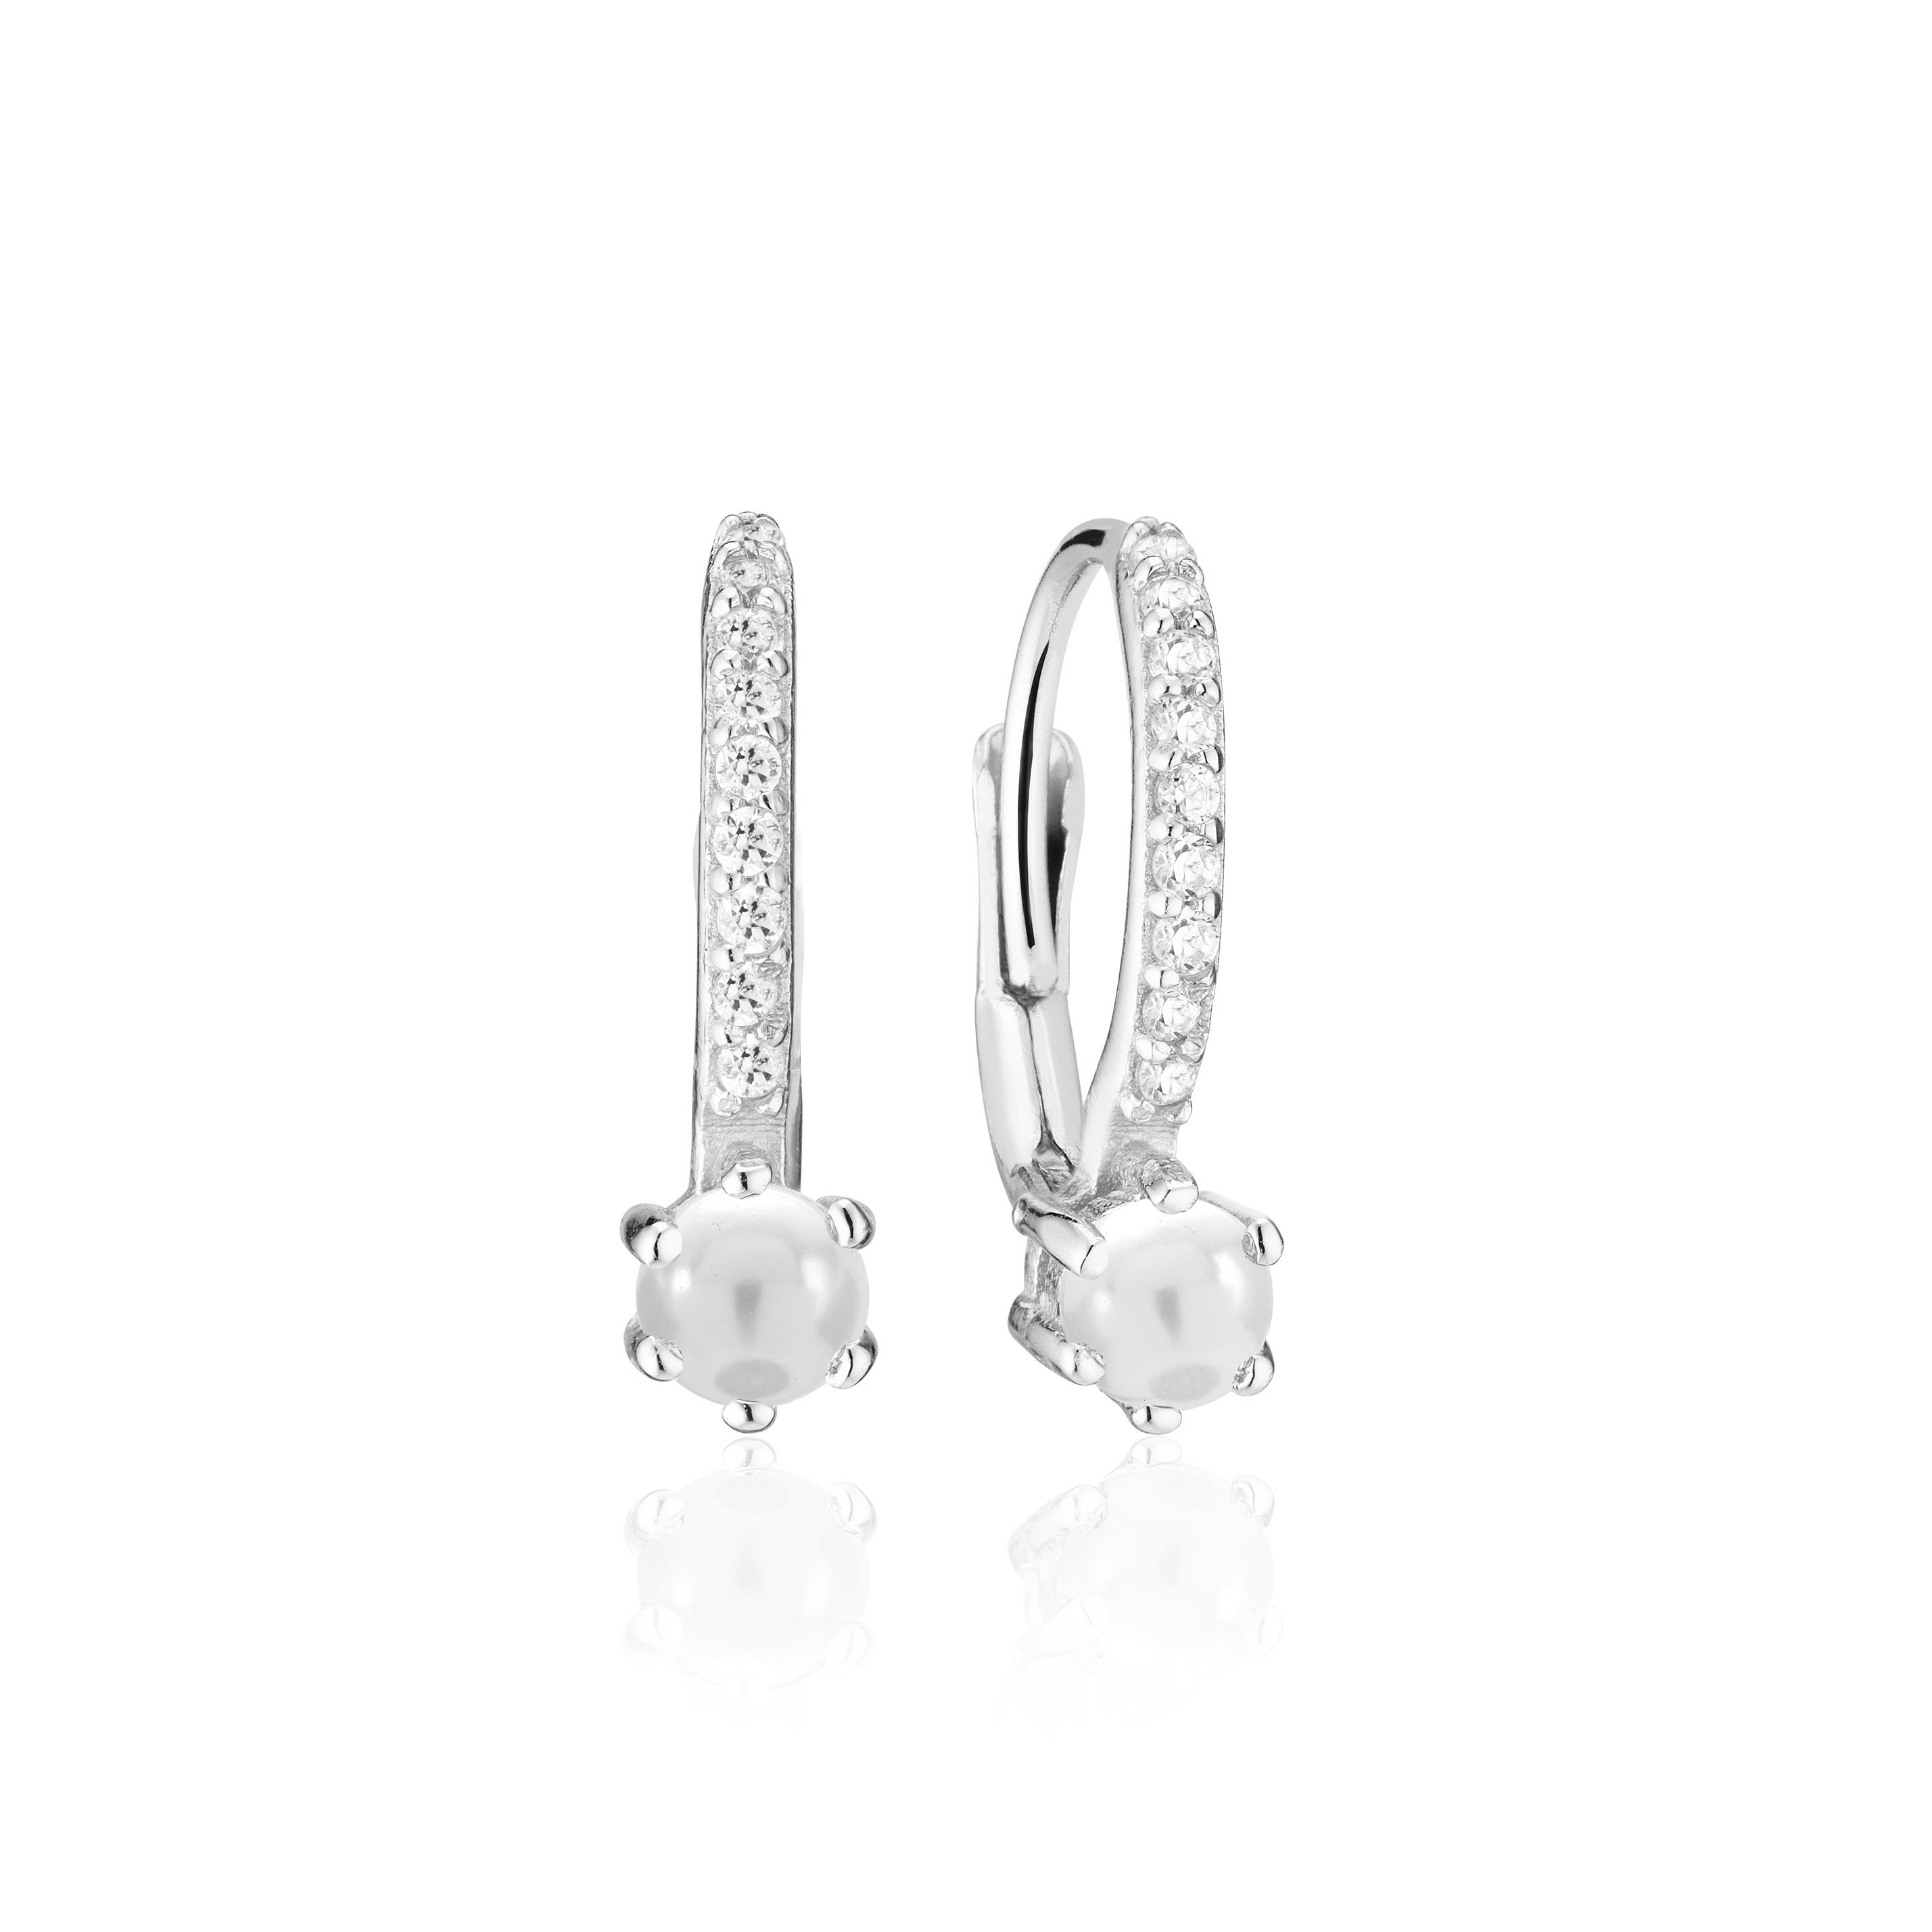 Sif Jakobs Jewellery Rimini Pearl Altro øreringe, sølv/hvid